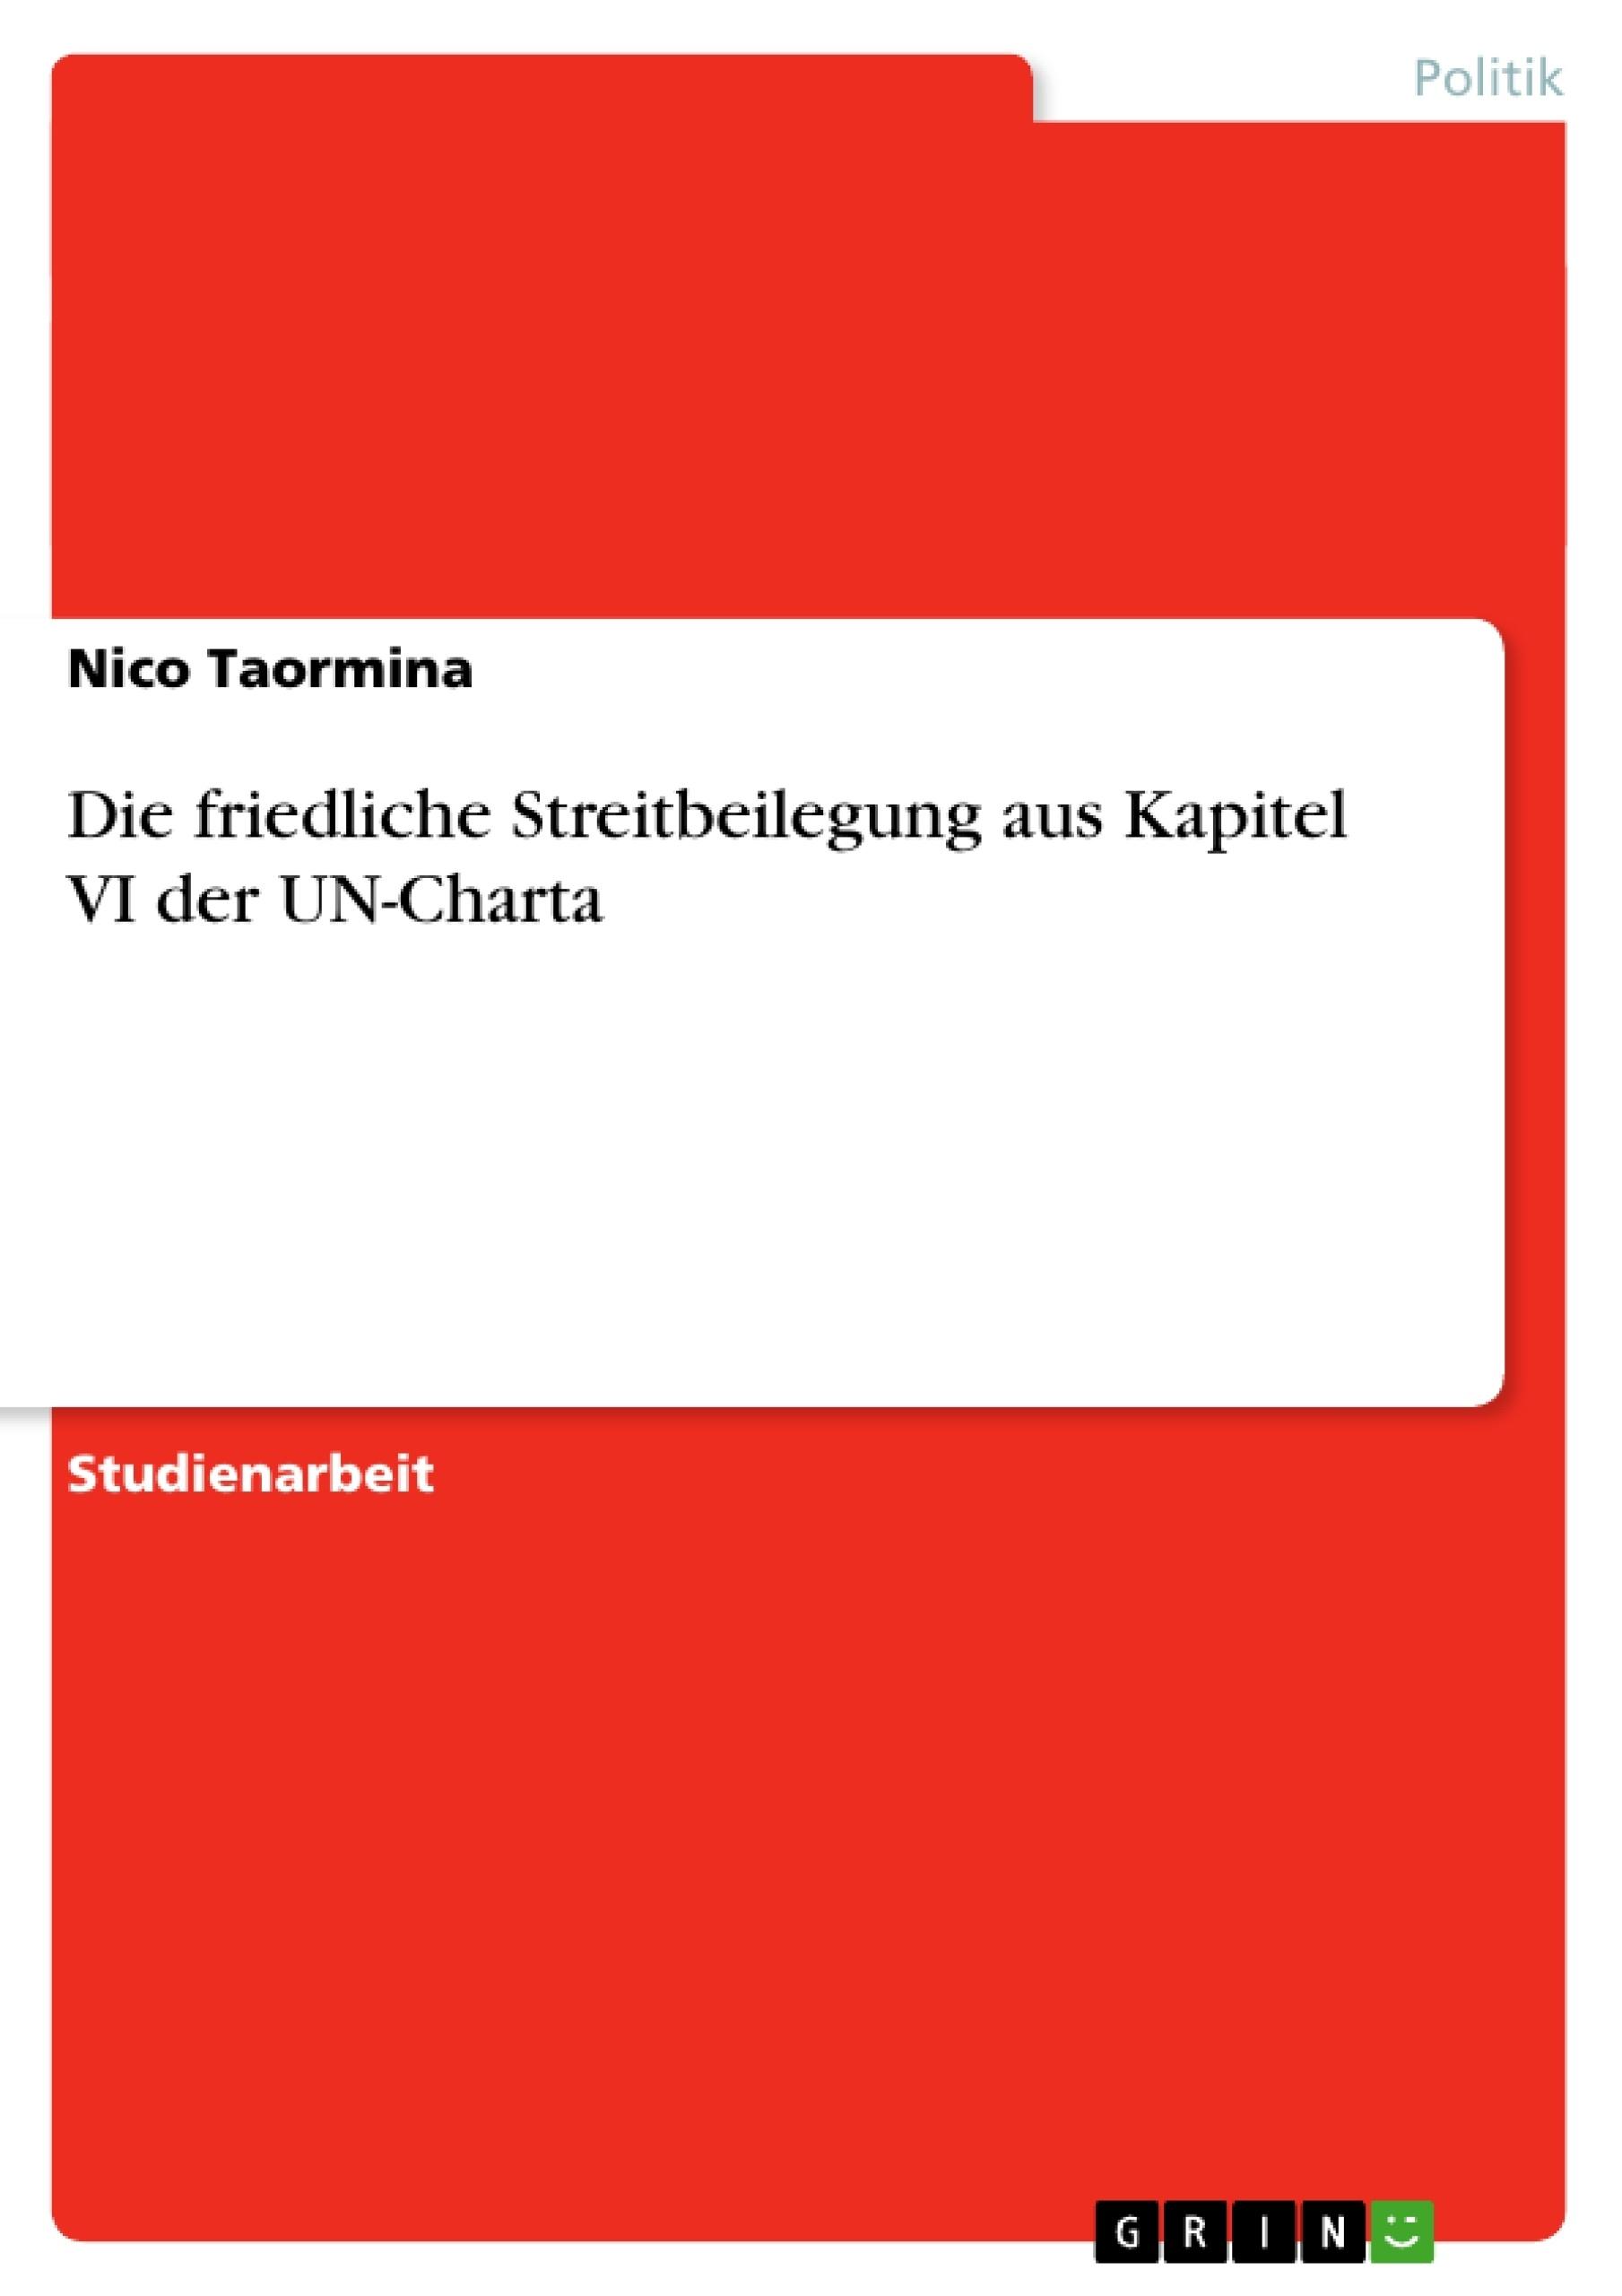 Titel: Die friedliche Streitbeilegung aus Kapitel VI der UN-Charta